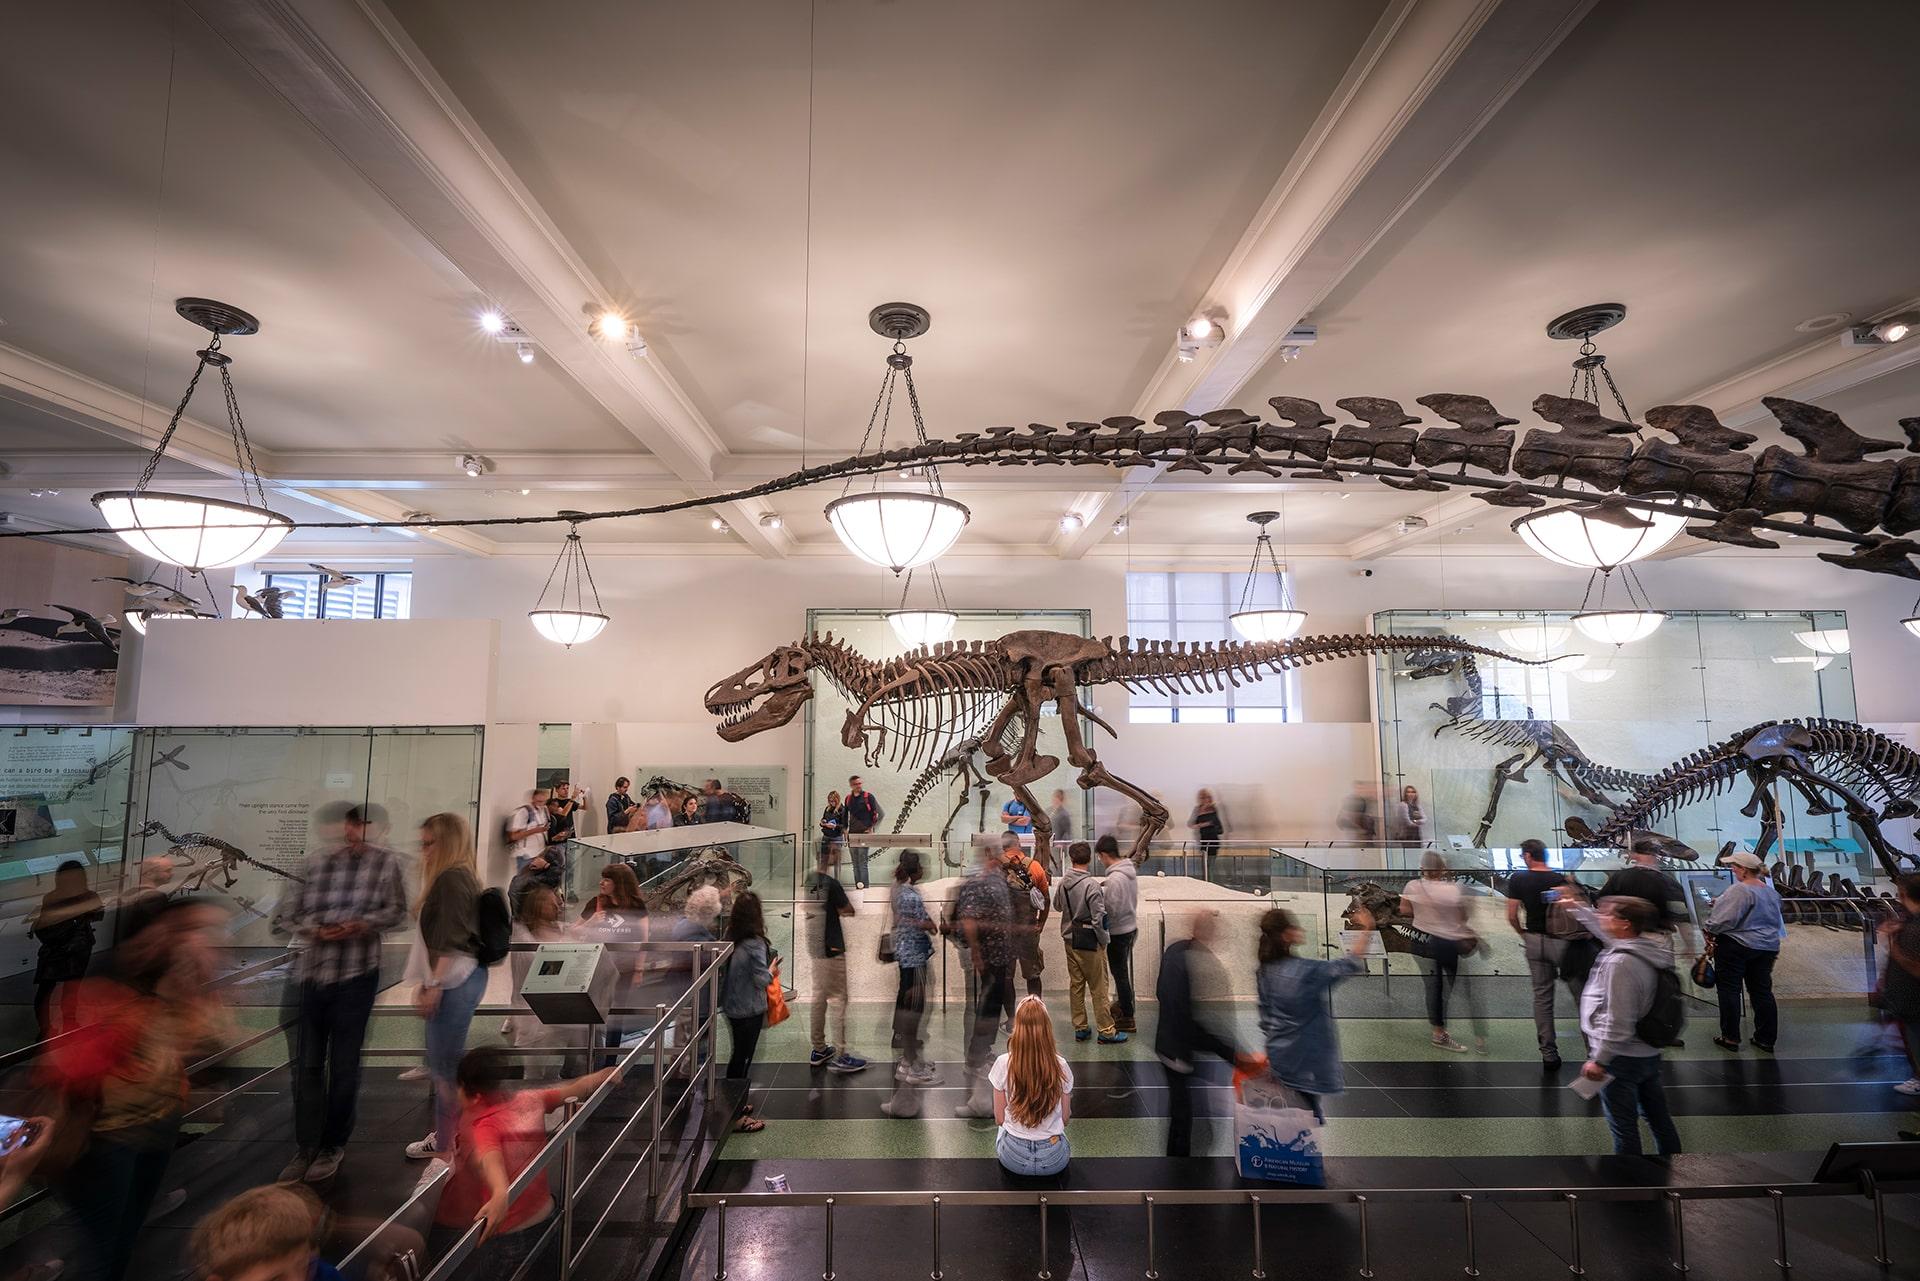 Blog Lifestyle - Le temps passe viiiite au Musée d'Histoire Naturel - Suivre sa Joie - Saskia Parein